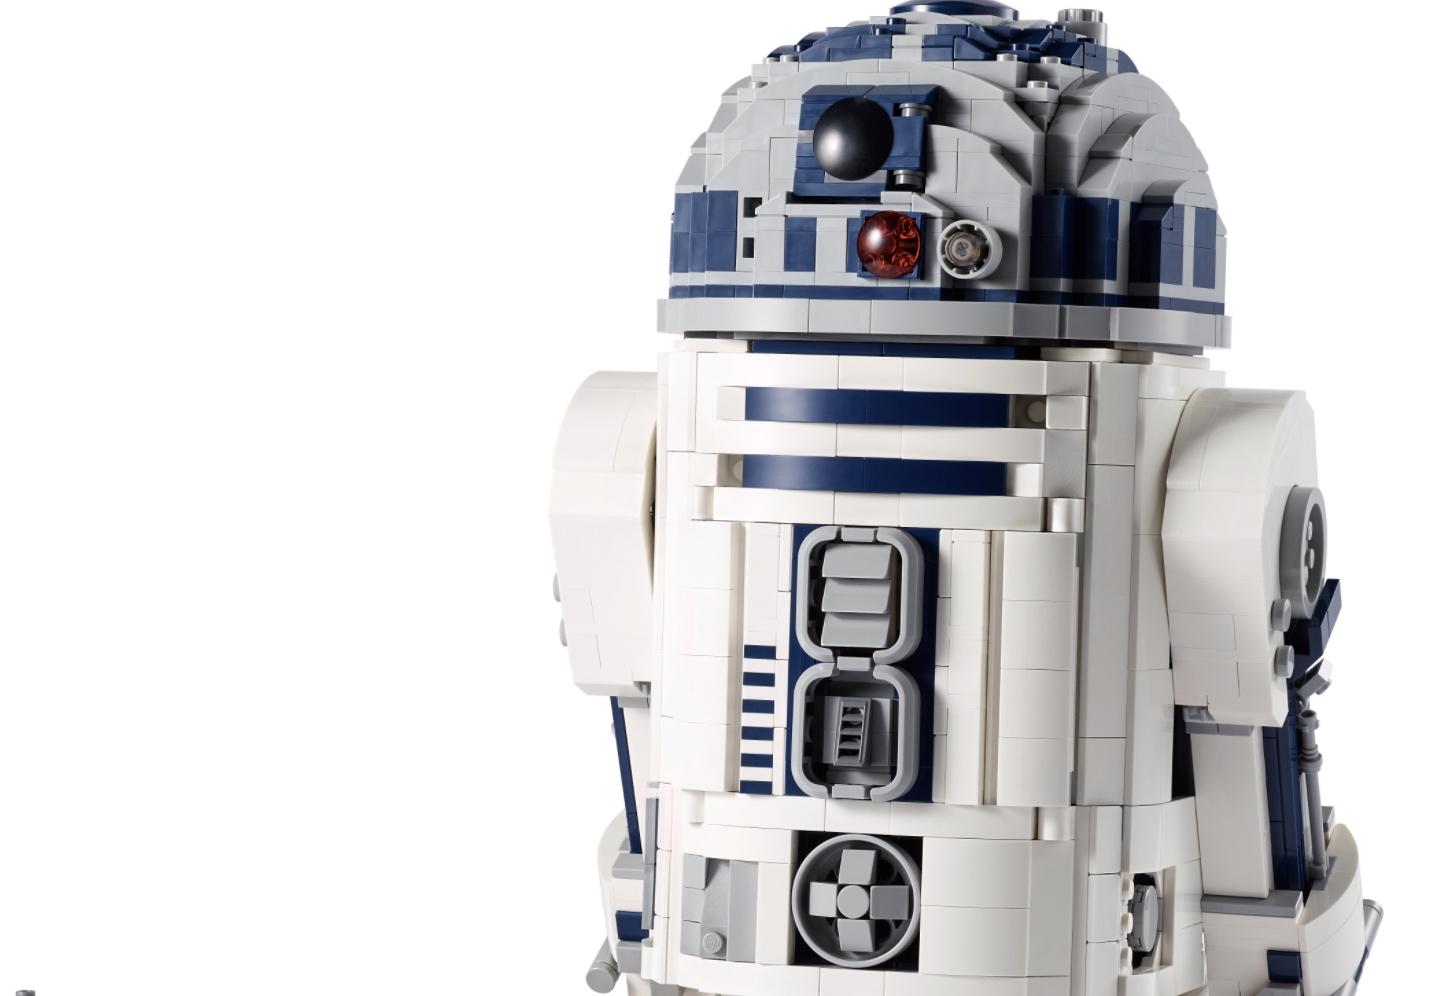 Ένα σετ Lego R2-D2 για τα 50 χρόνια της Lucasfilm